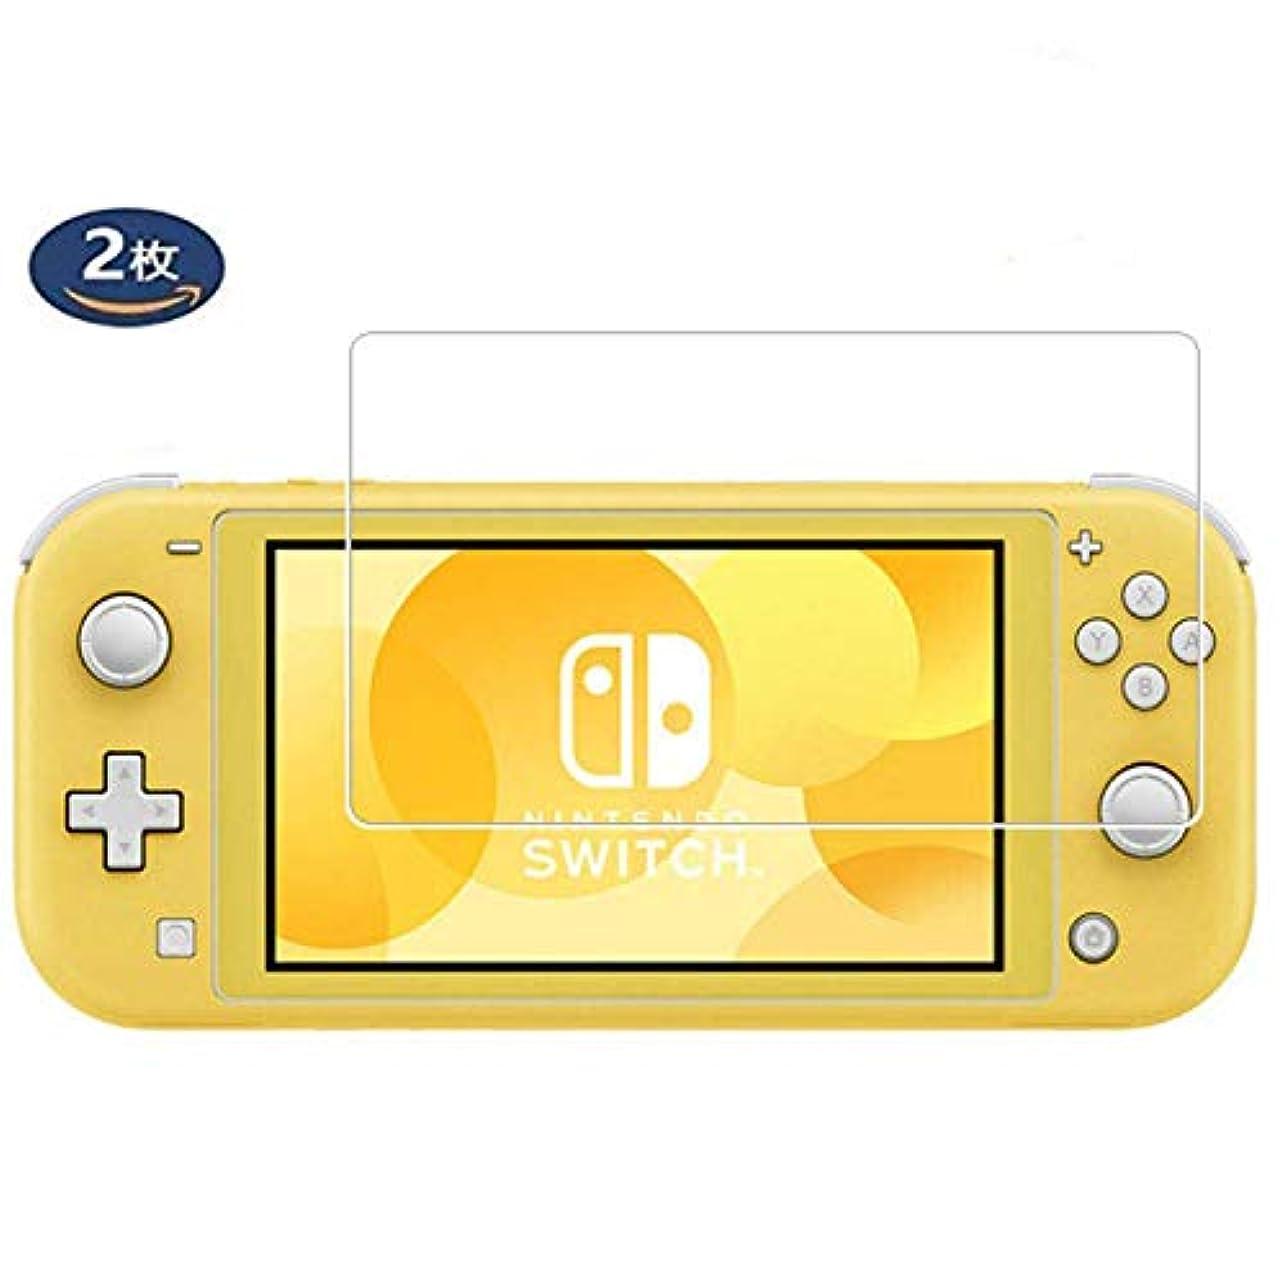 増幅第二義務付けられたMARR Nintendo Switch Lite フィルムアサヒ強化ガラス 採用 液晶保護フィルム 9H硬度 ラウンドエッジ加工 ガラスフィルム Nintendo Switch Lite ット対応【2枚セット】